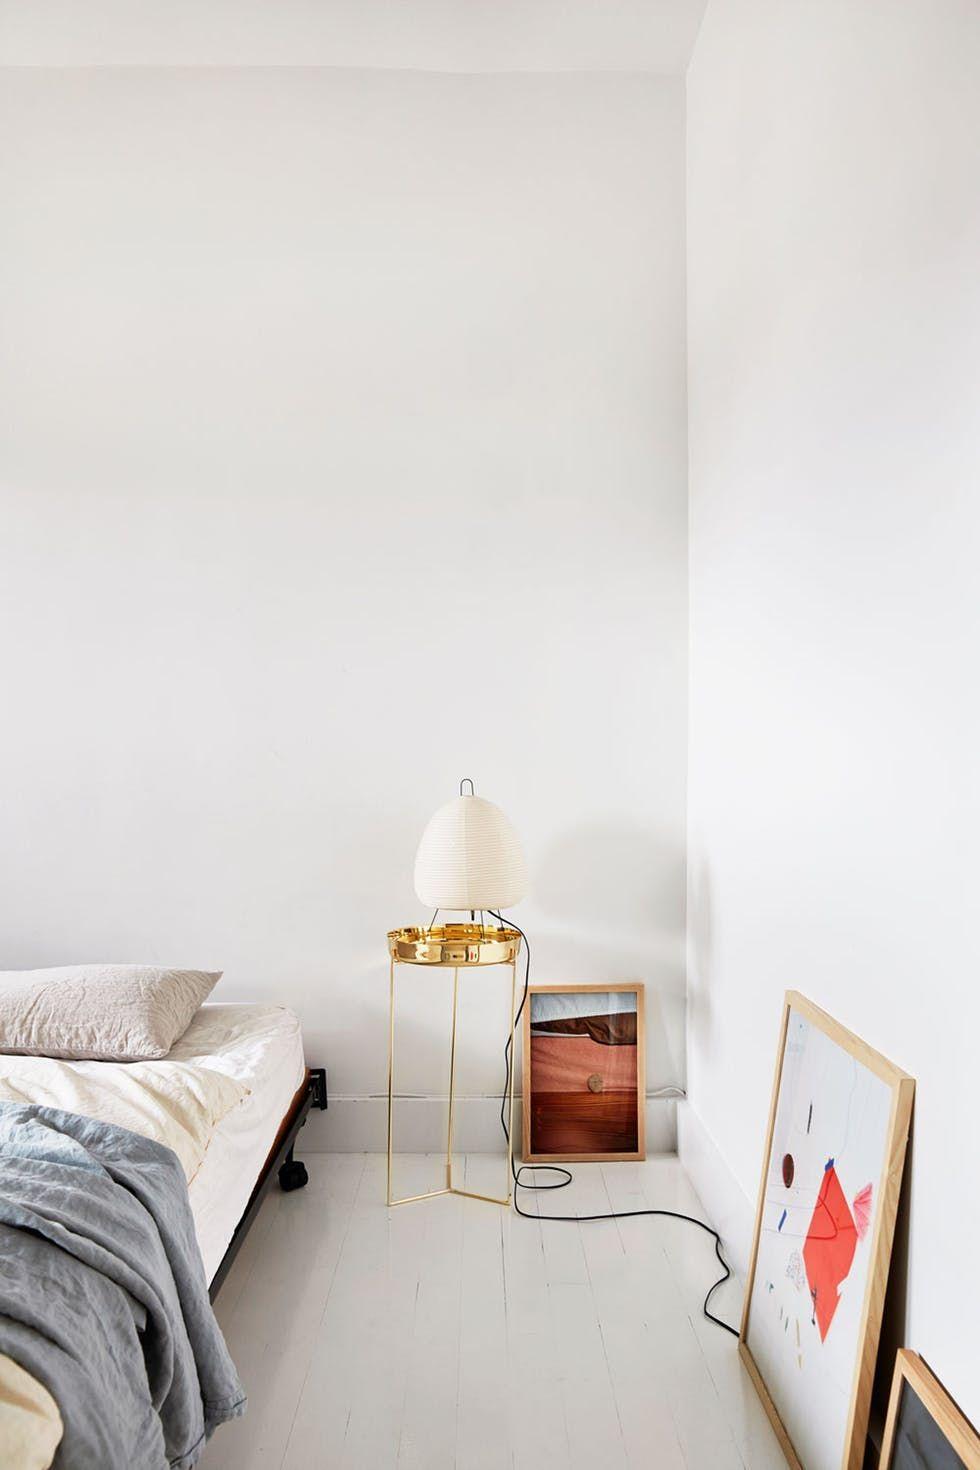 Noguchi Akari Lampe Tischleuchte Vitra Designklassiker Schlafzimmer  Einrichten Und Dekorieren Messing, Weiß, Kunst, Nachttisch